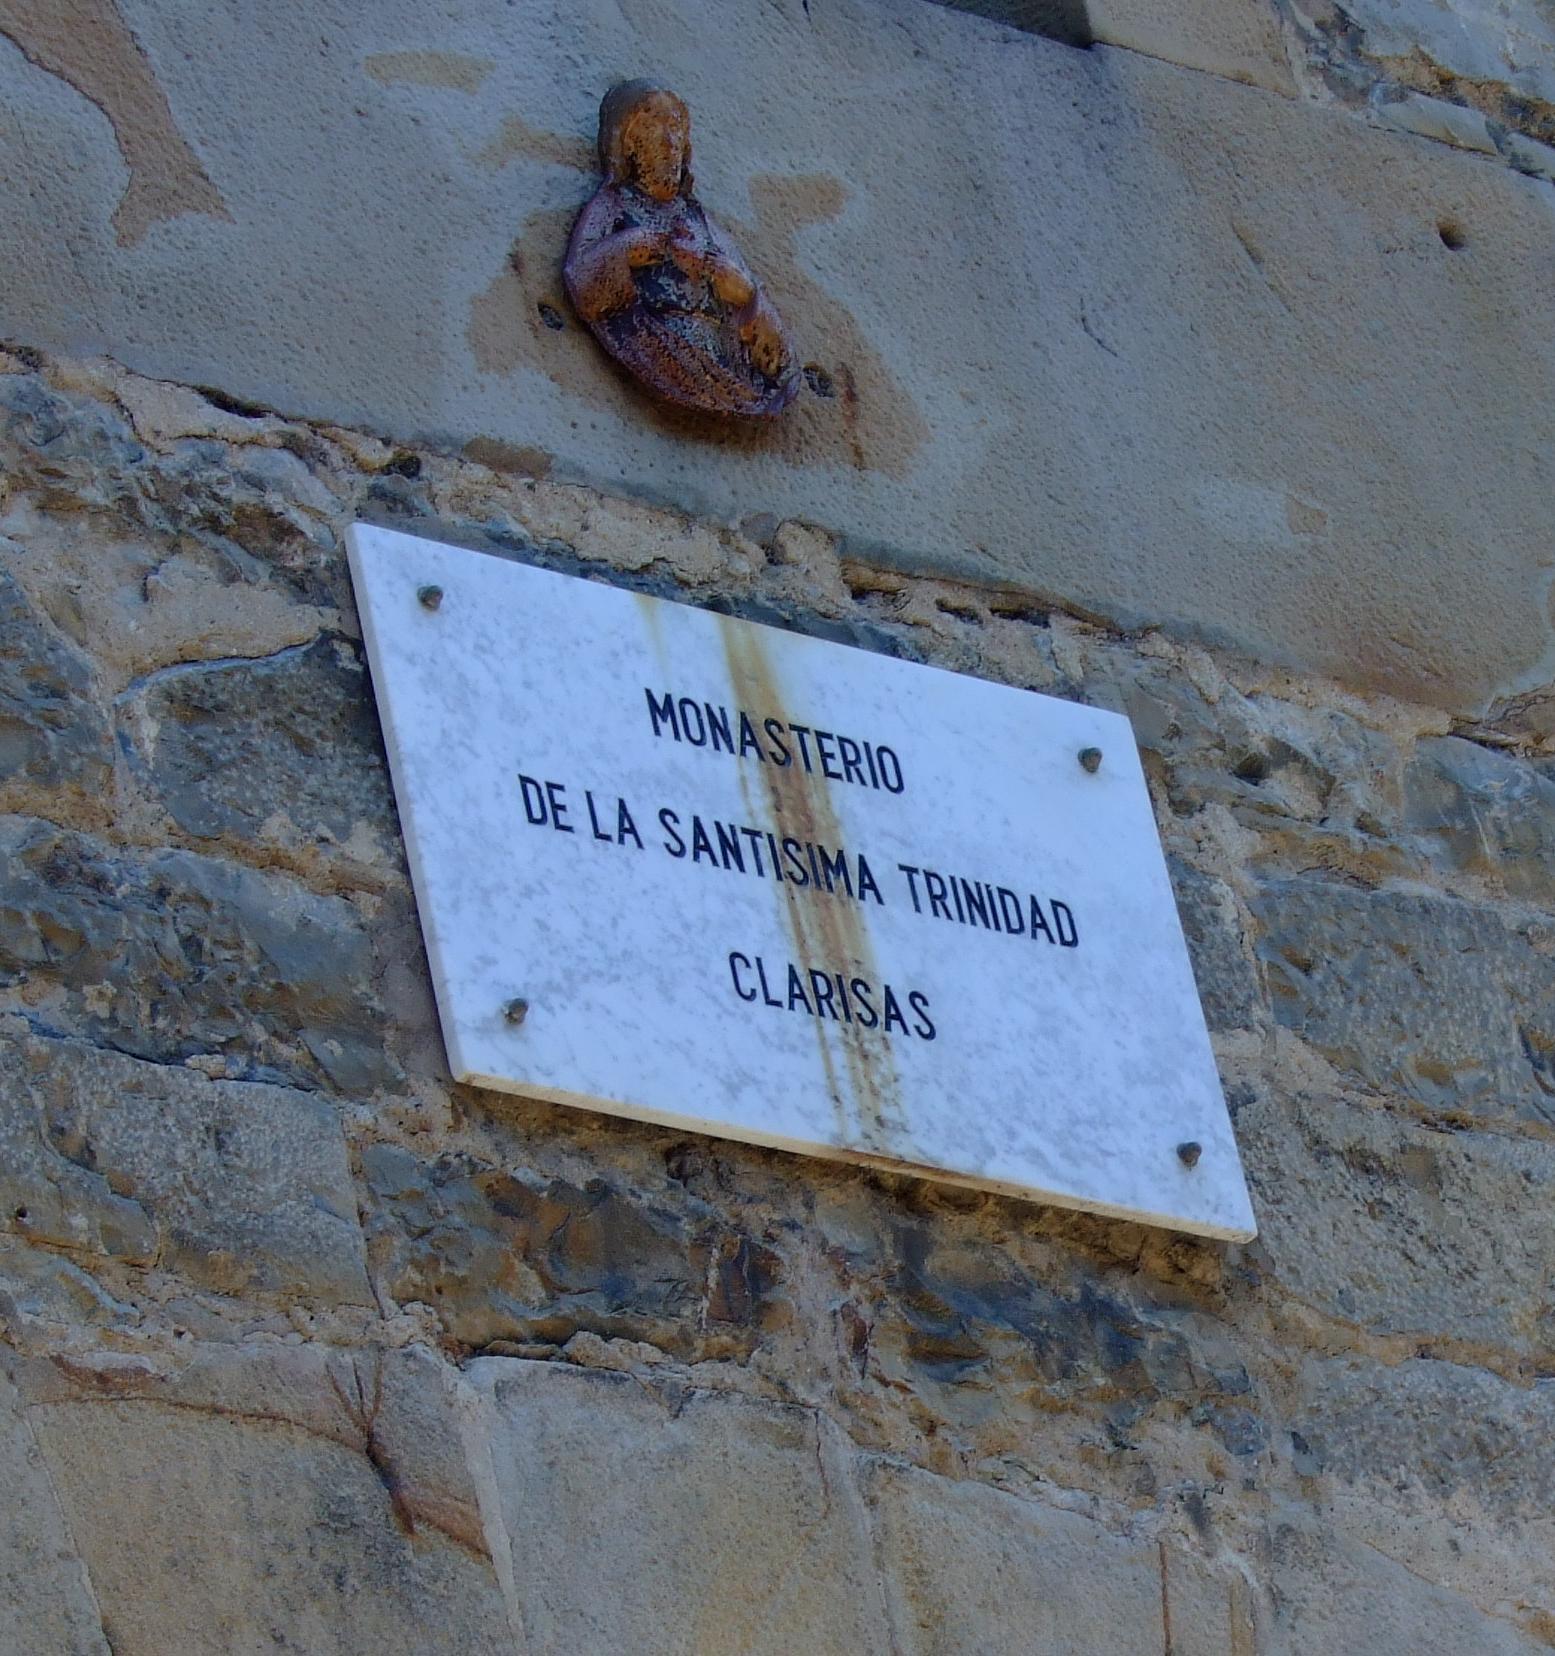 Monasterio de la Santísima Trinidad. Clarisas.